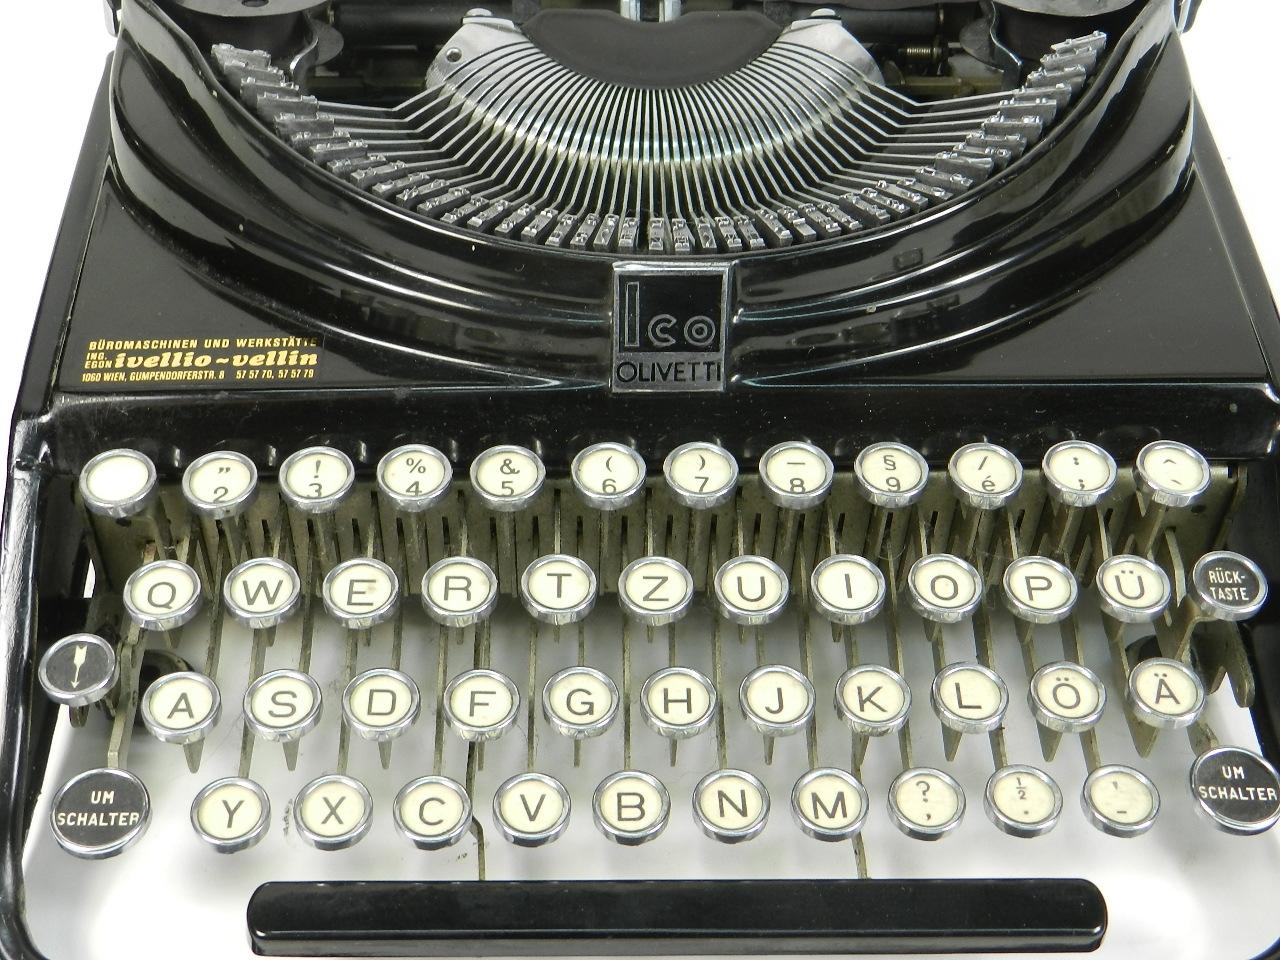 Imagen OLIVETTI  ICO   MP1  AÑO 1932 29821